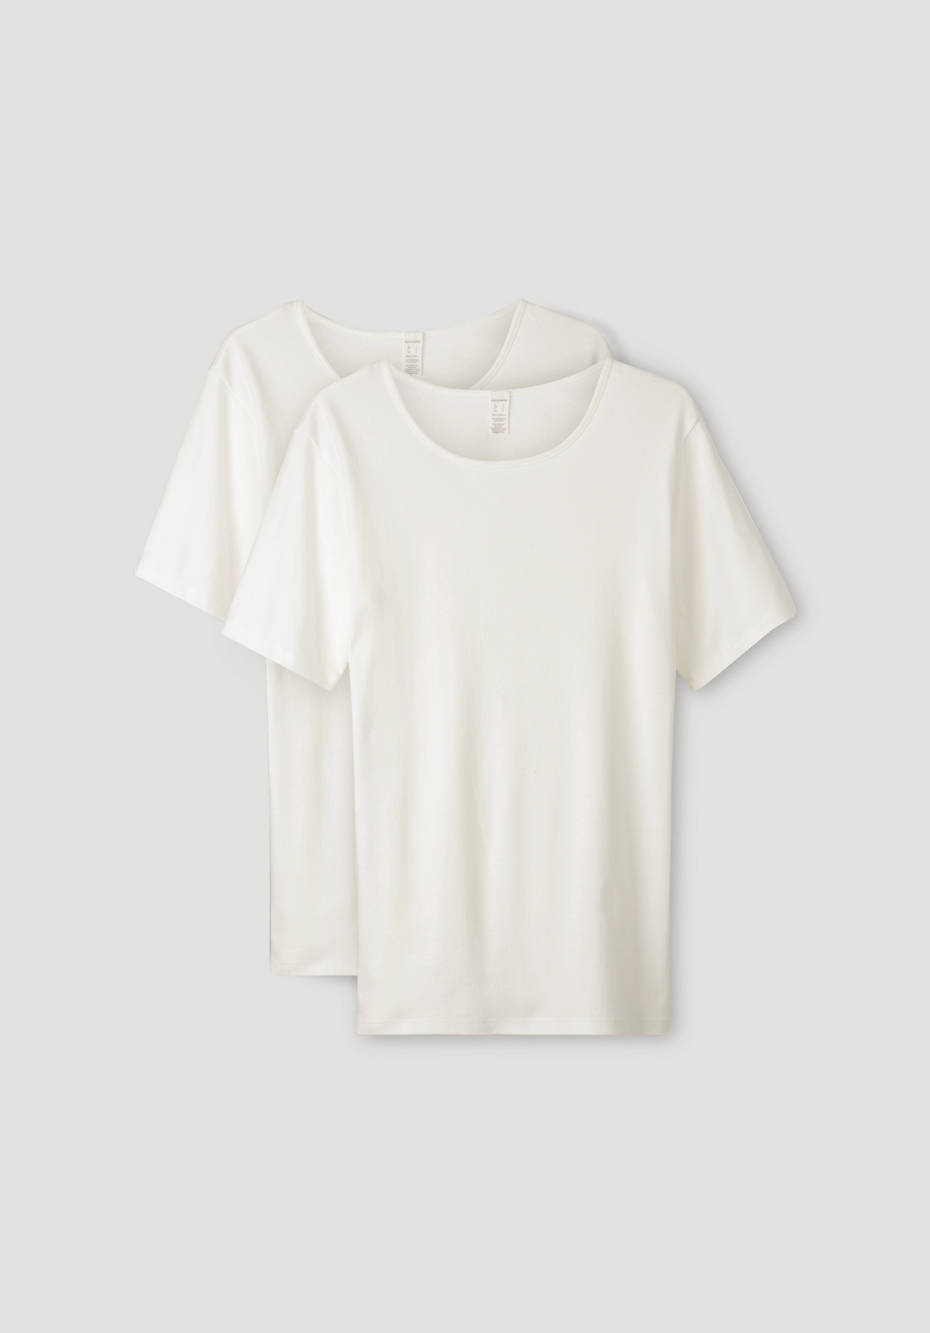 T-Shirt PureDAILY im 2er Set aus reiner Bio-Baumwolle